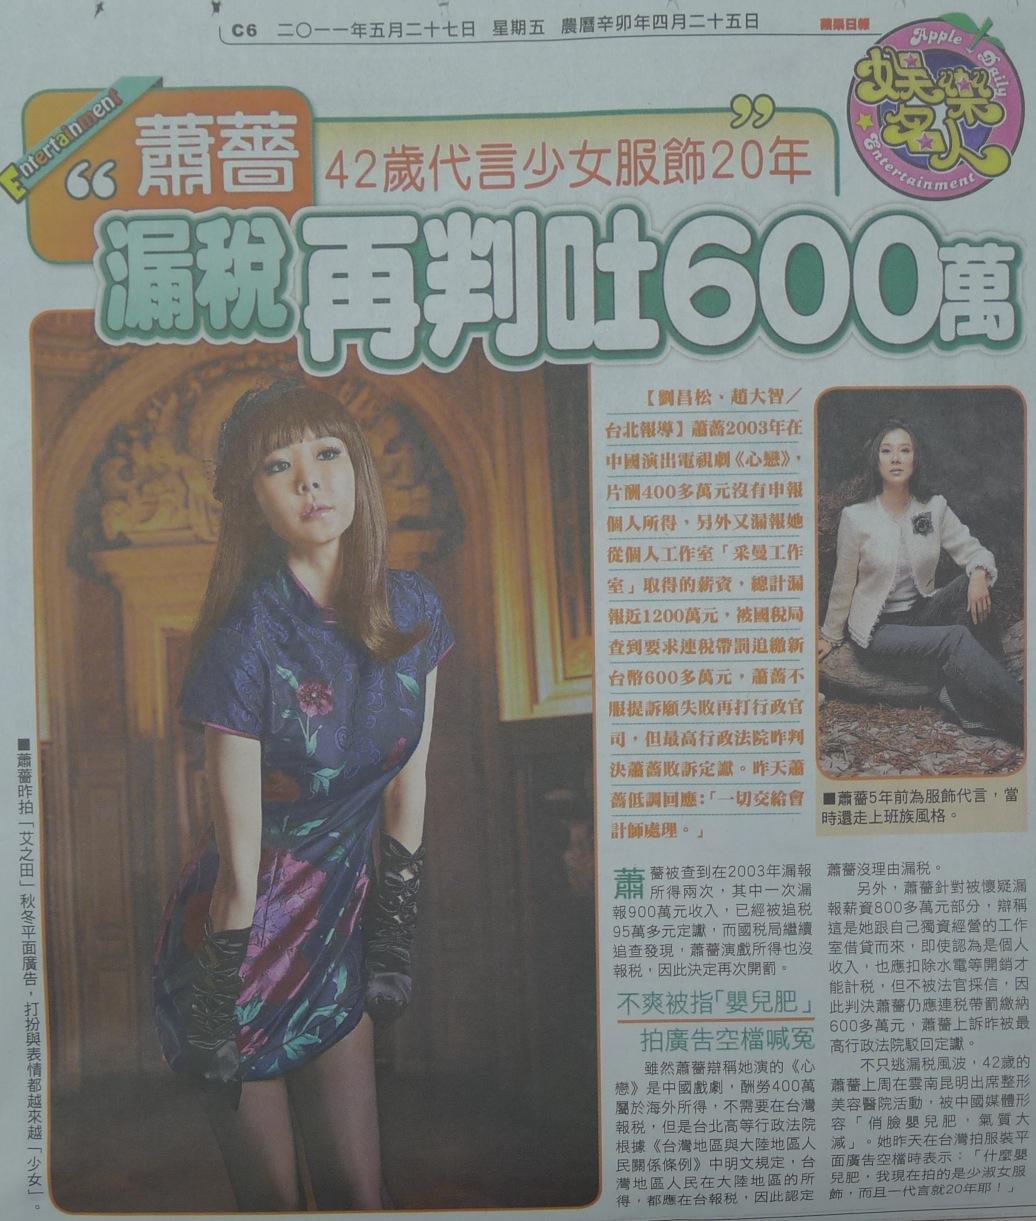 蕭薔 42歲代言少女服飾20年 漏稅再判吐600萬  20110527